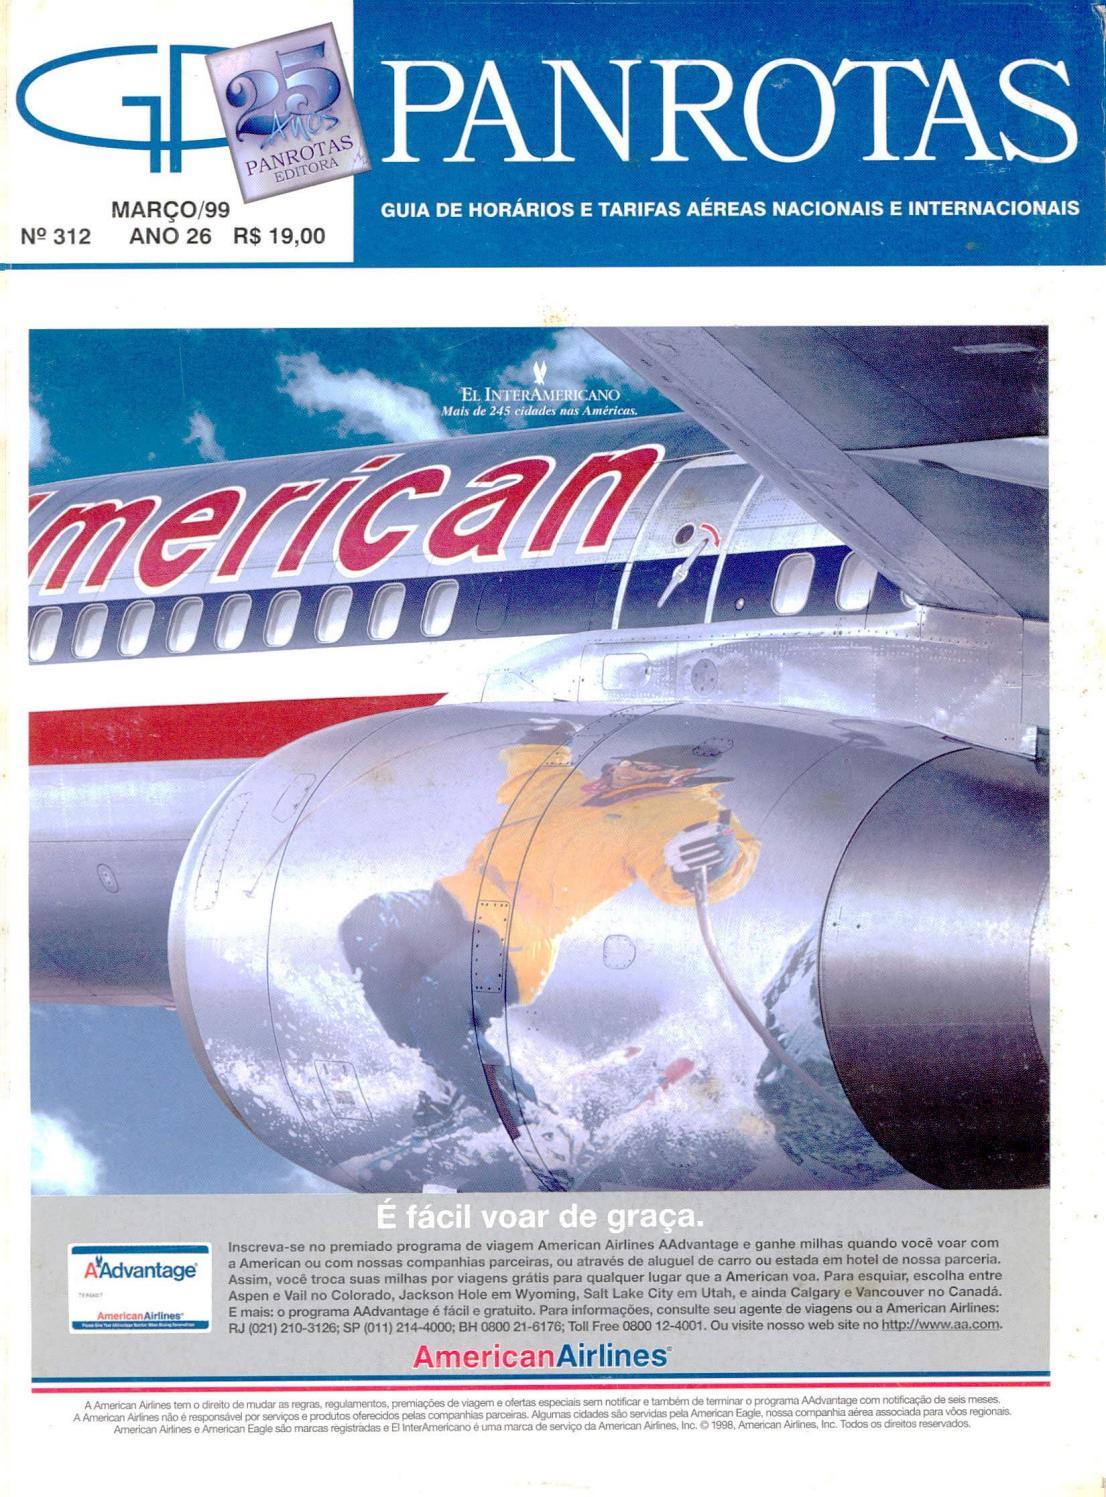 Guia PANROTAS - Edição 312 - Março 1999 by PANROTAS Editora - issuu 701321c70d5